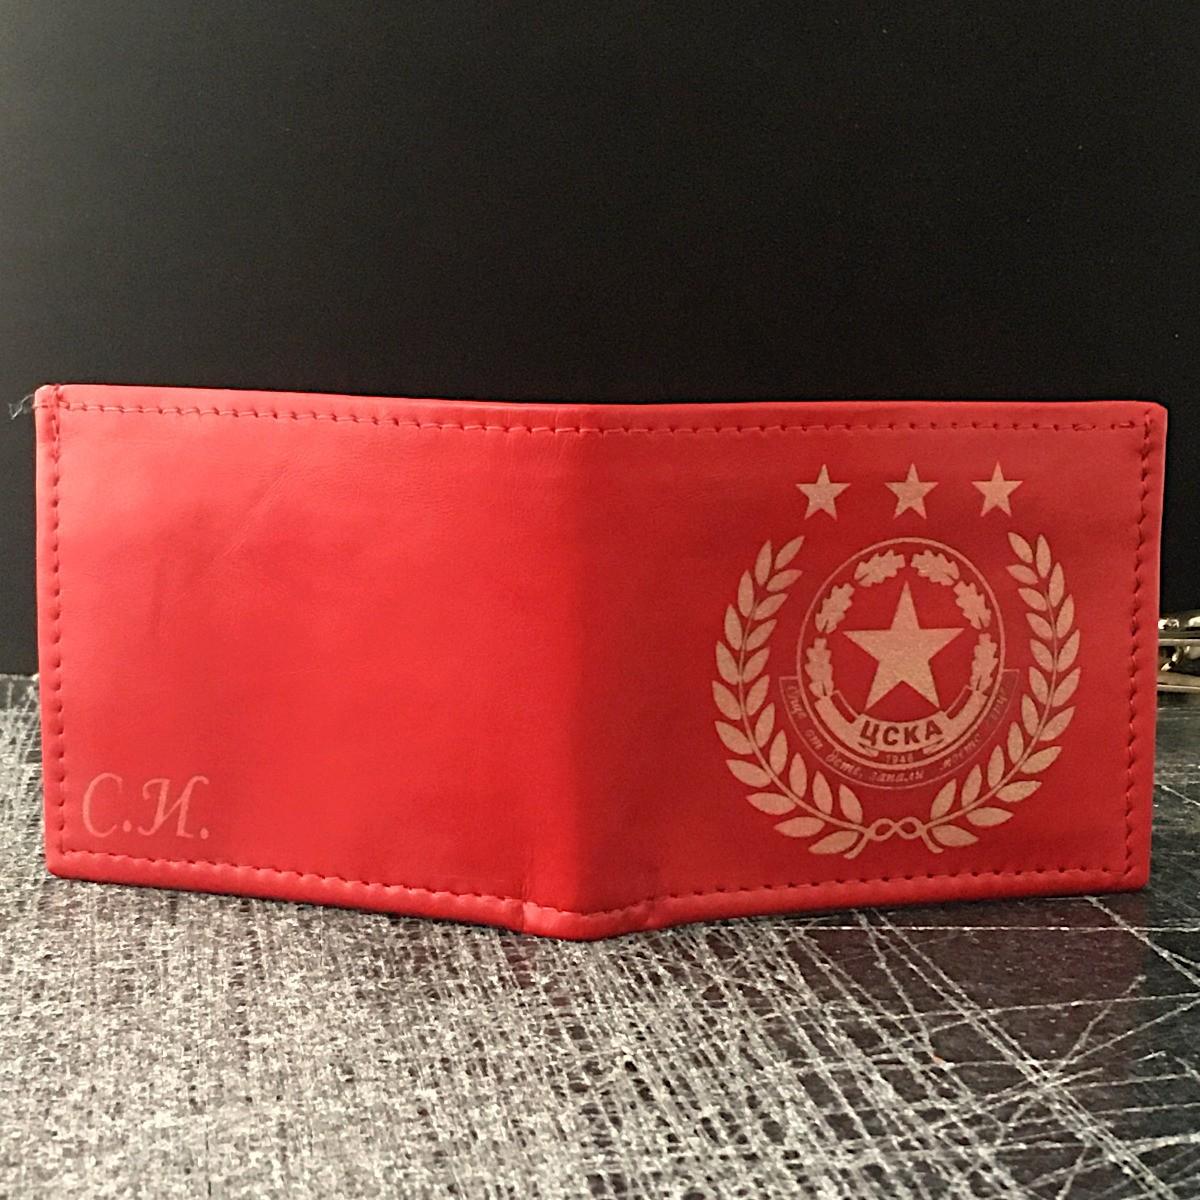 ръчно изработен червен кожен портфейл с логото на цска - отзад